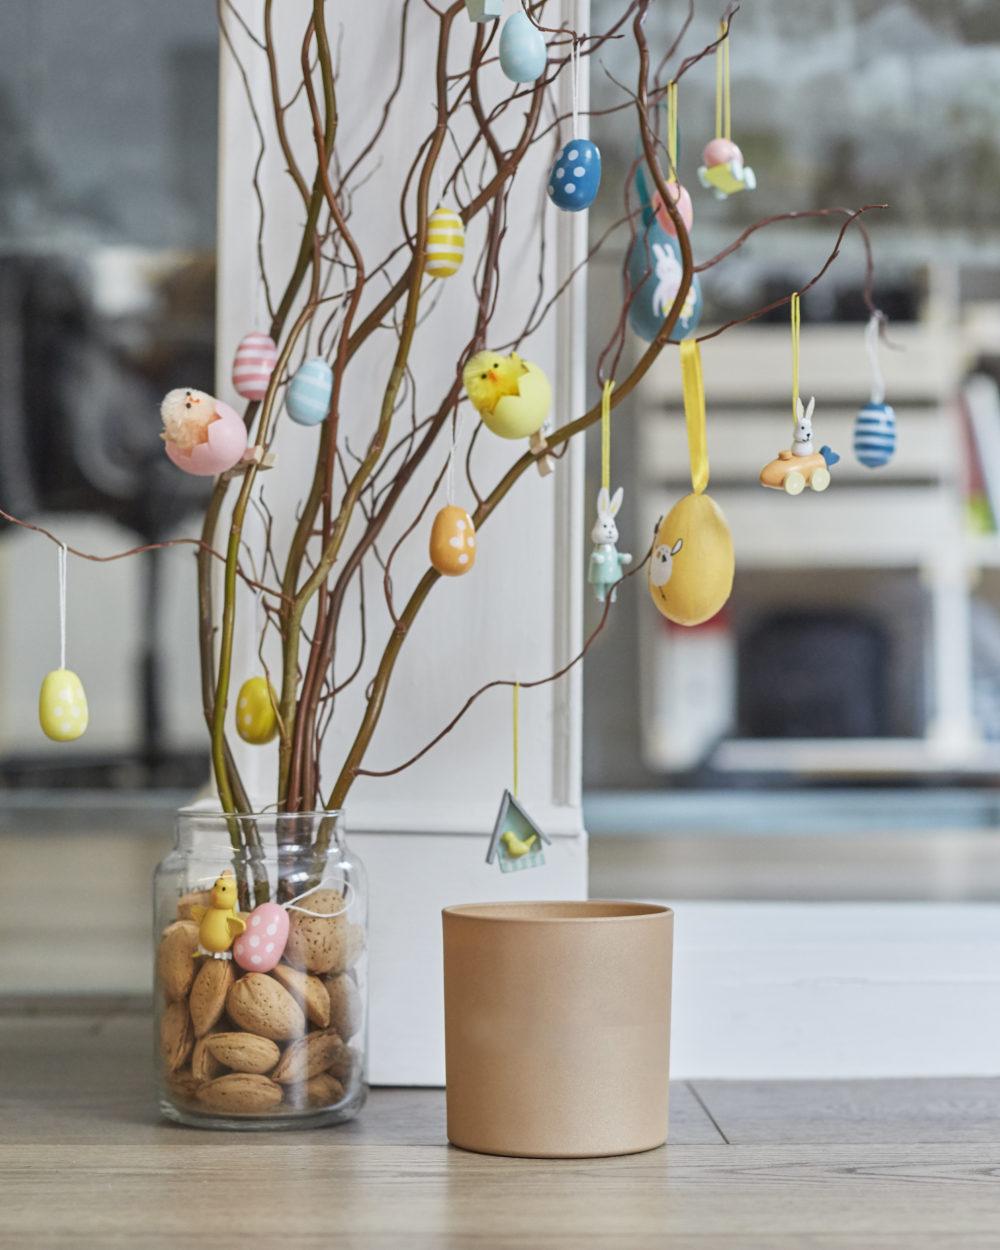 Décoration artistique d'un arbre avec des oeufs pour Pâques